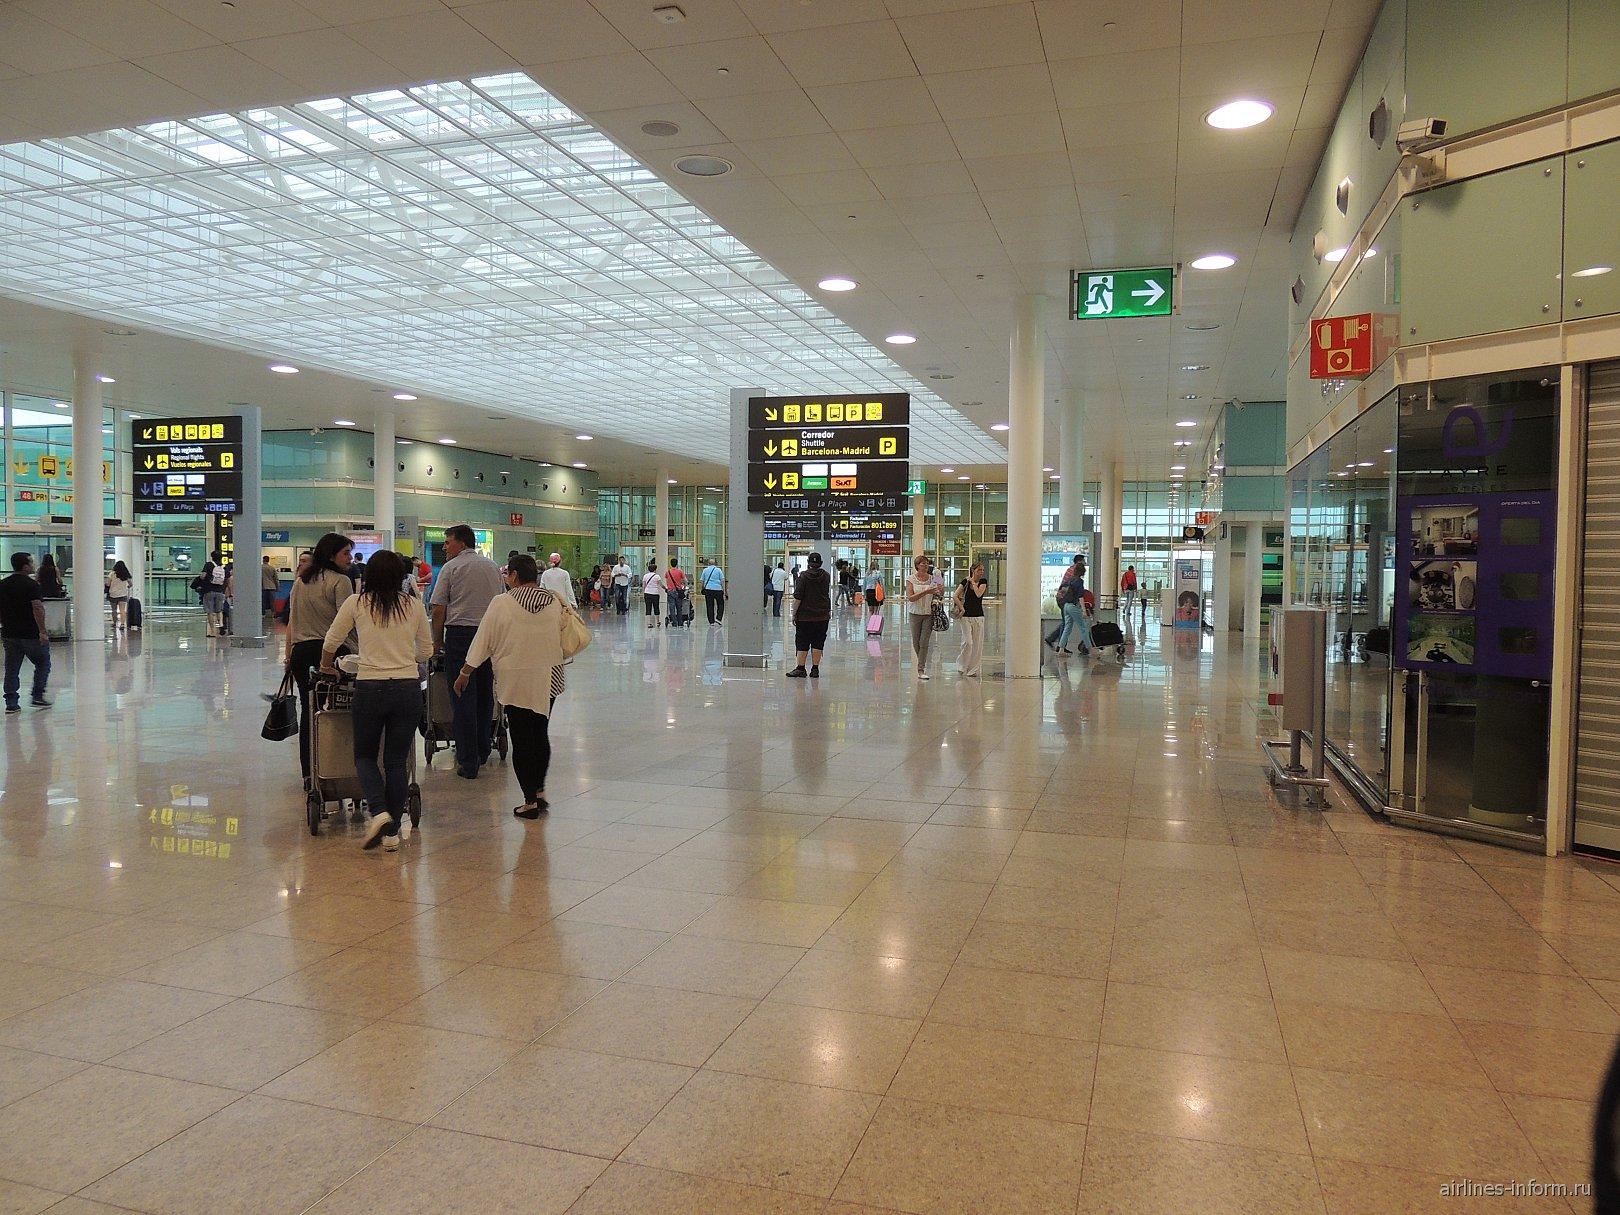 Зал прилета в аэропорту Барселоны